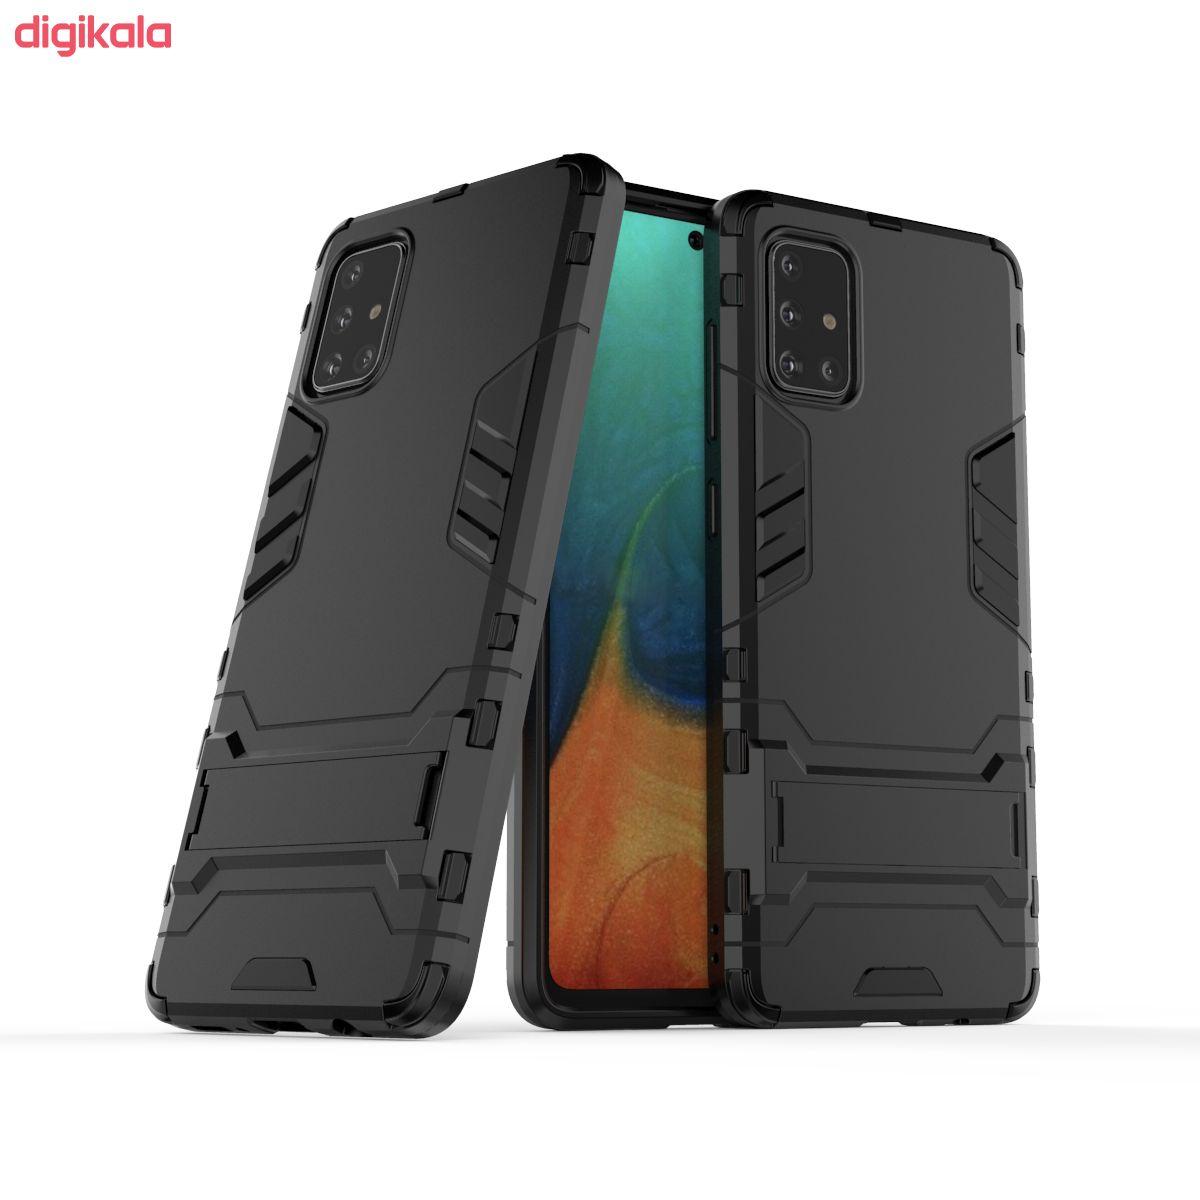 کاور مدل Sidekick مناسب برای گوشی موبایل سامسونگ Galaxy A51